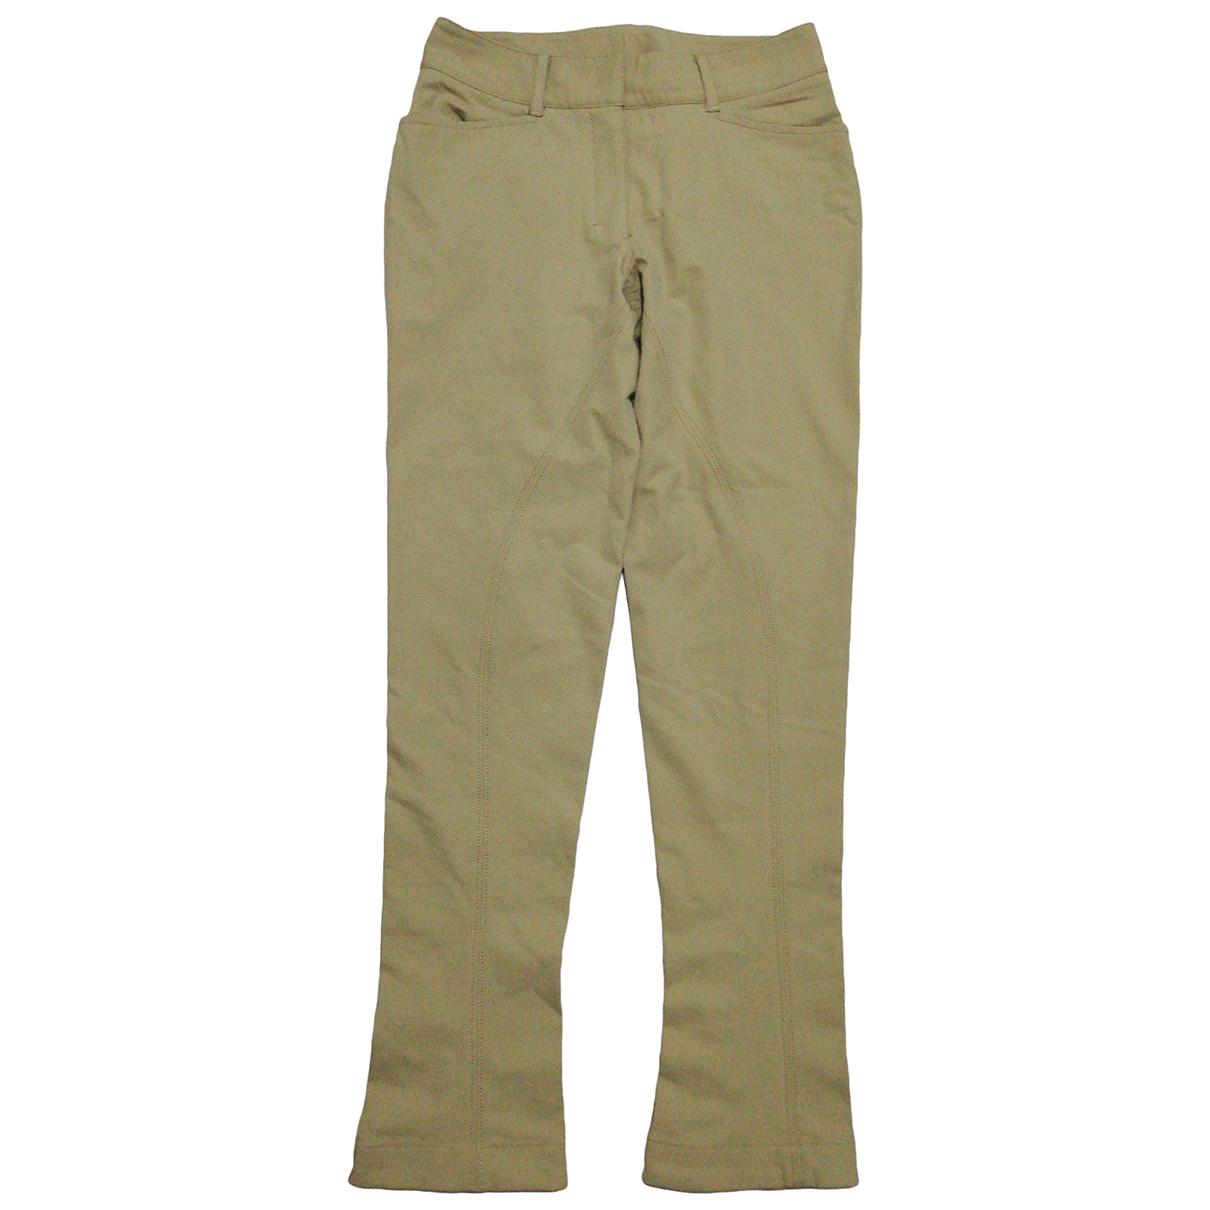 Prada N Beige Trousers for Women 42 IT